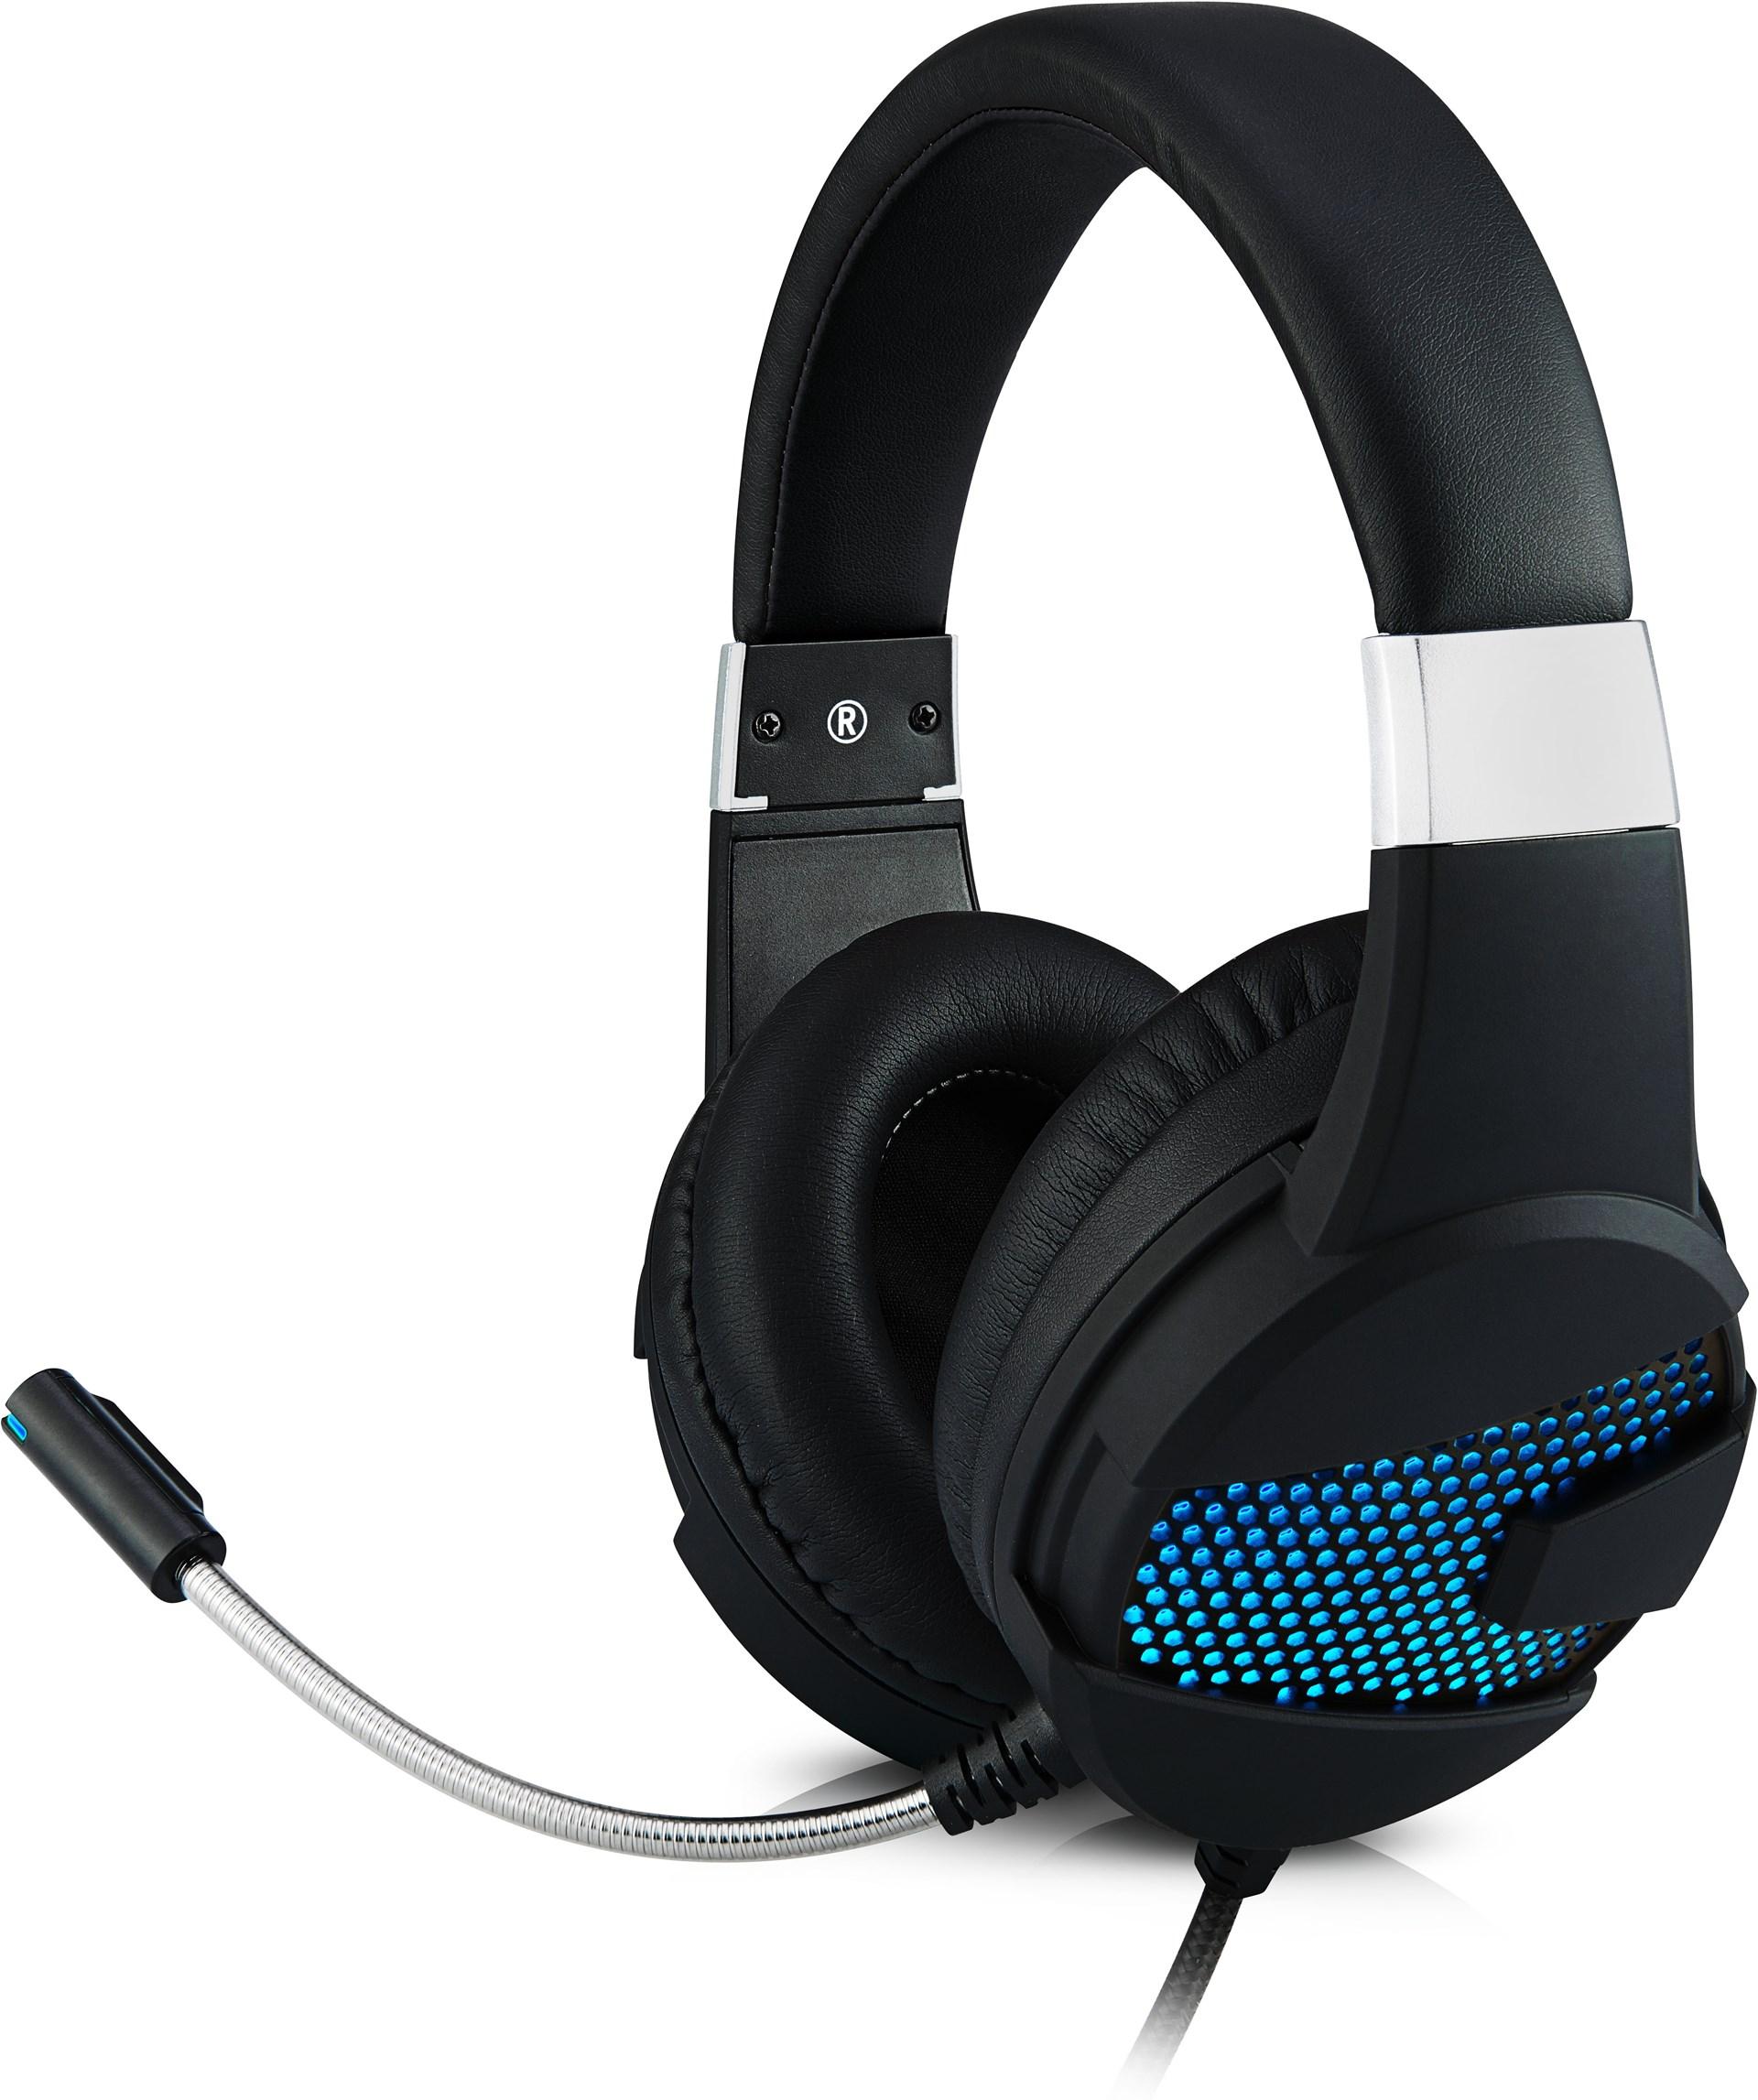 Mission SG GGH 1.2 Gaming Headset - Gamingheadset med omslutande ljud a176a179a9134